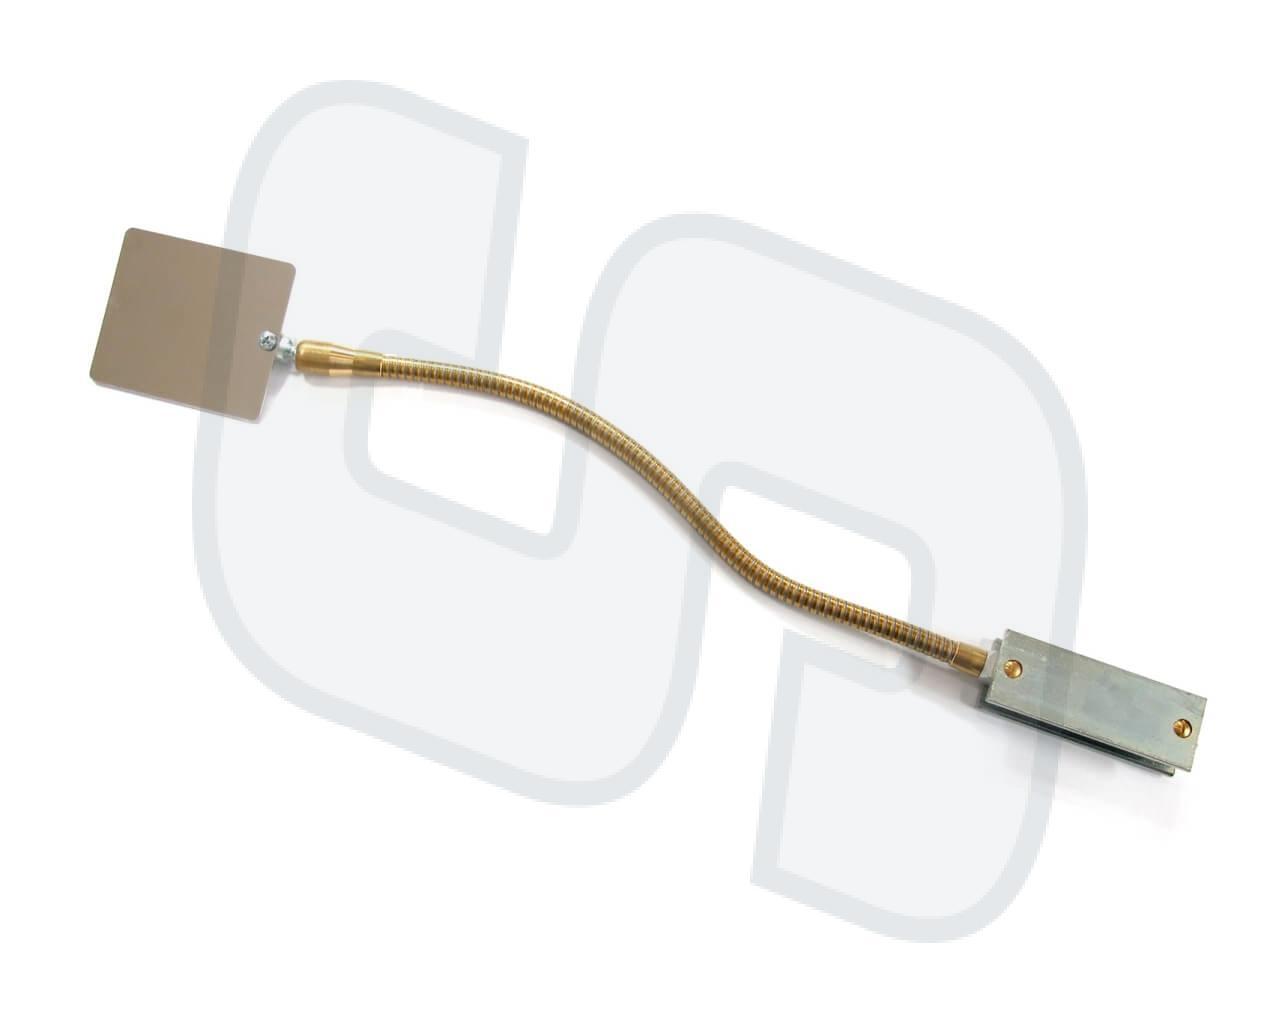 Magnet-Schweißspiegel Stahl 1.5mm / flexibel